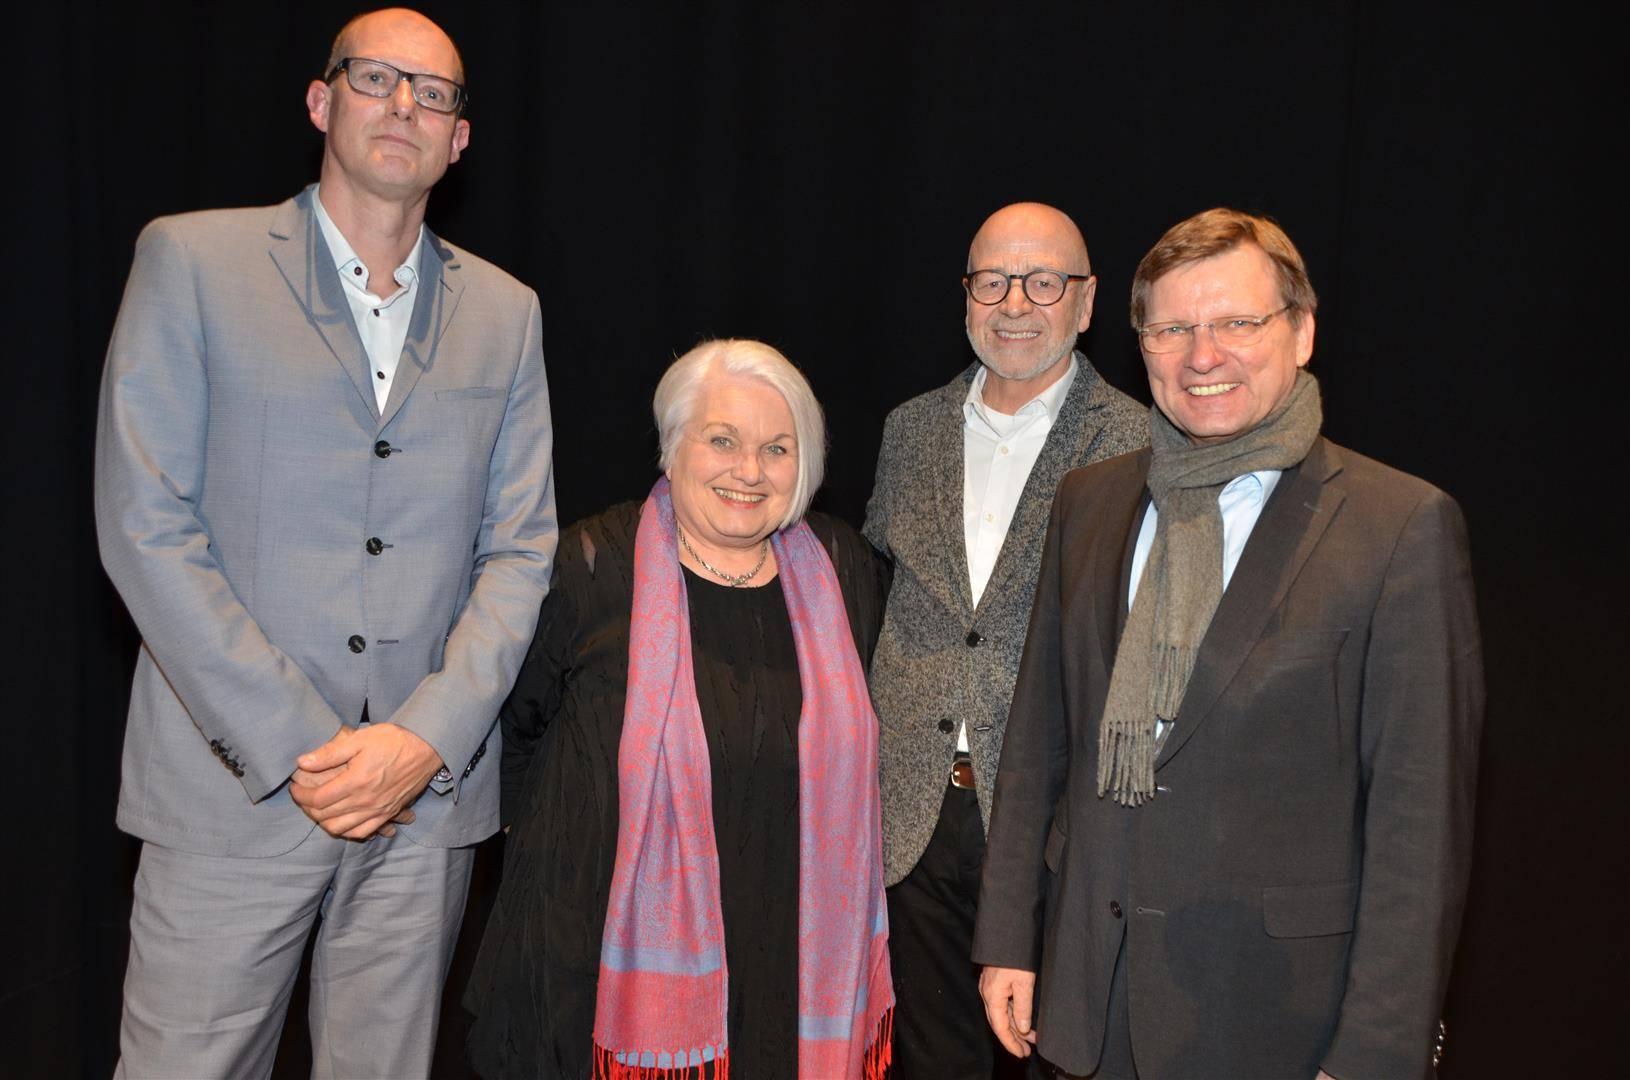 Drei Männer und eine Frau stehen vor einem schwarzen Vorhang.